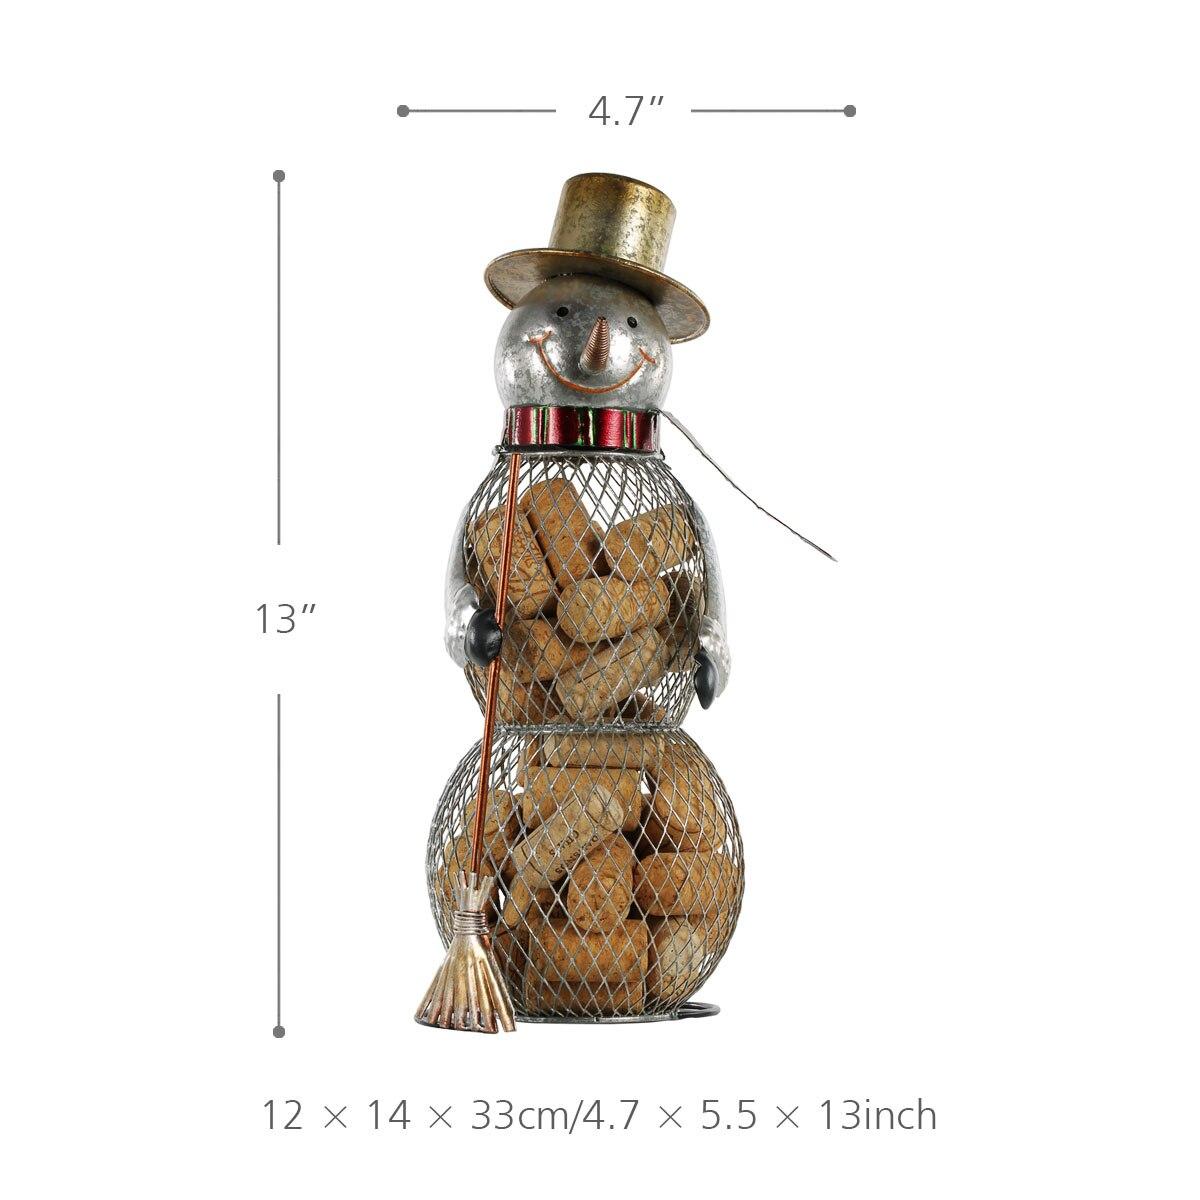 Schneemann Weihnachten Glas Wanduhr Feines Handwerk Wanduhren Weitere Uhren